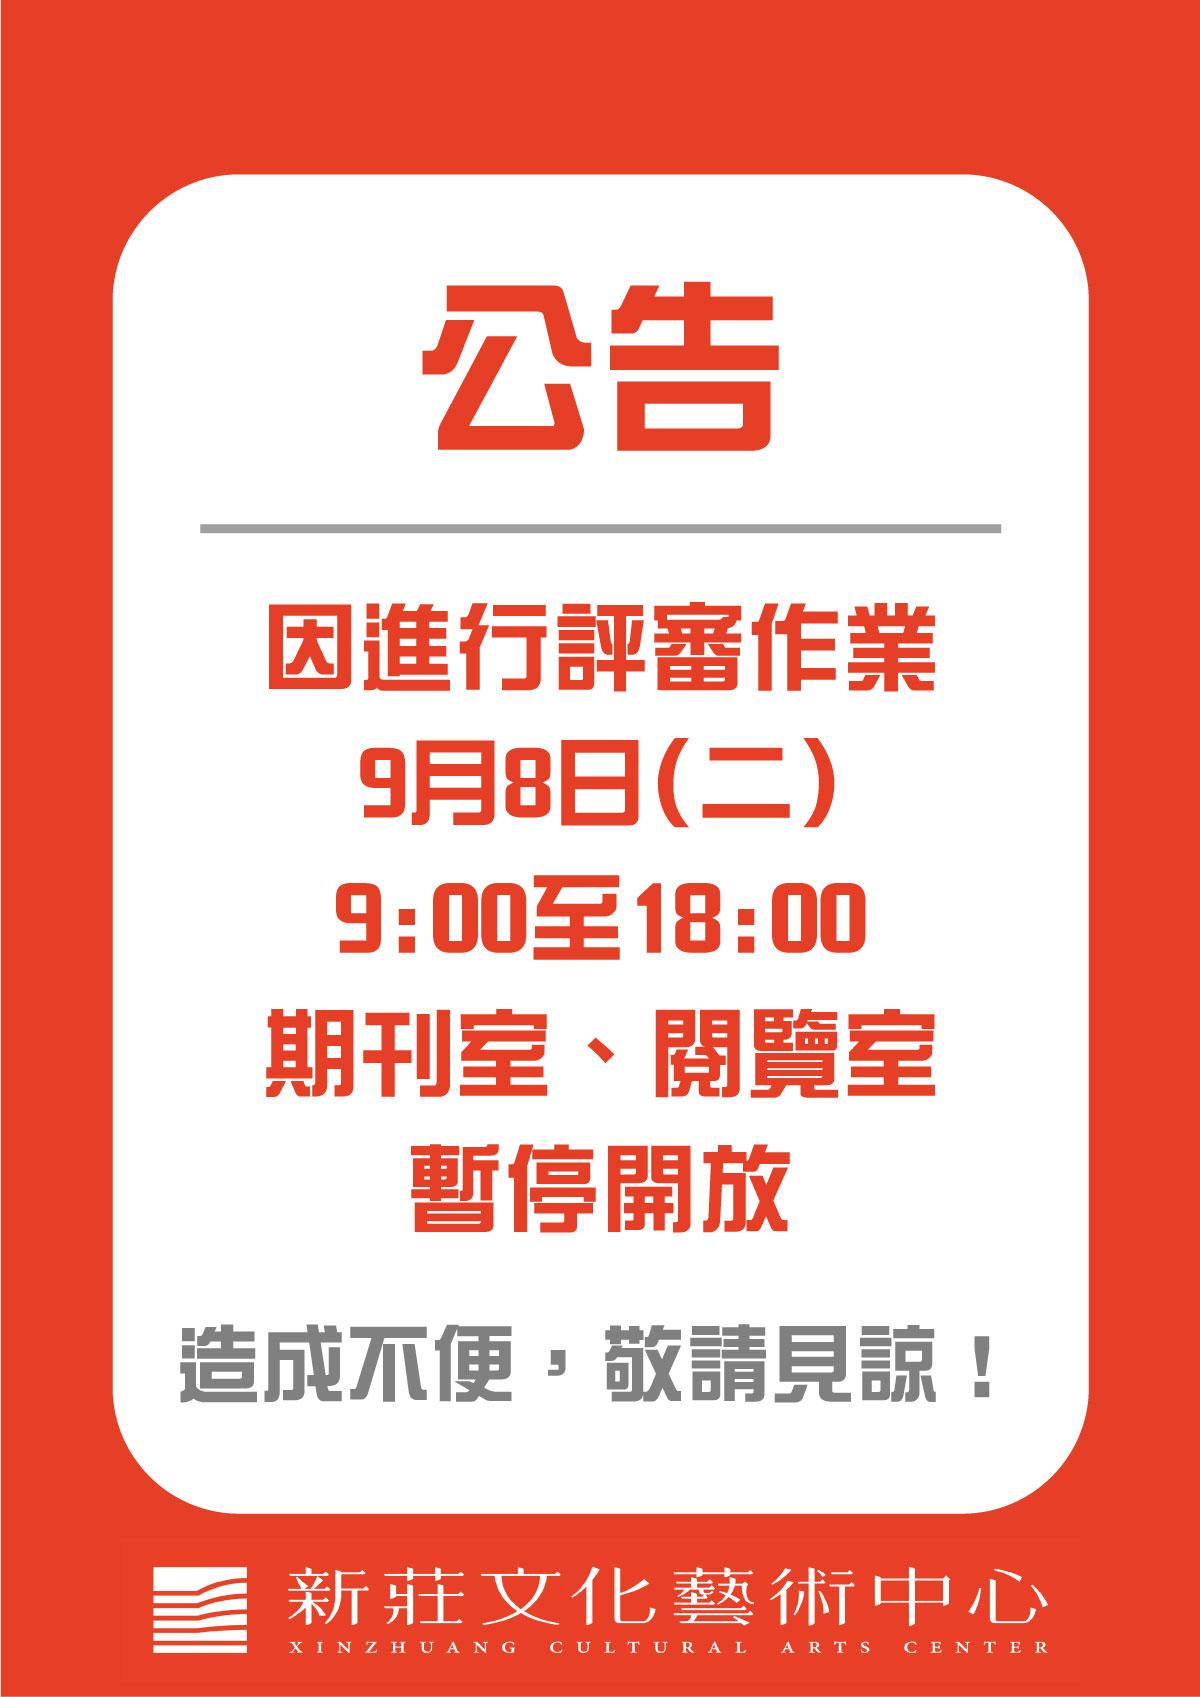 109年9月8日 9:00-18:00期刊閱覽室暫停開放